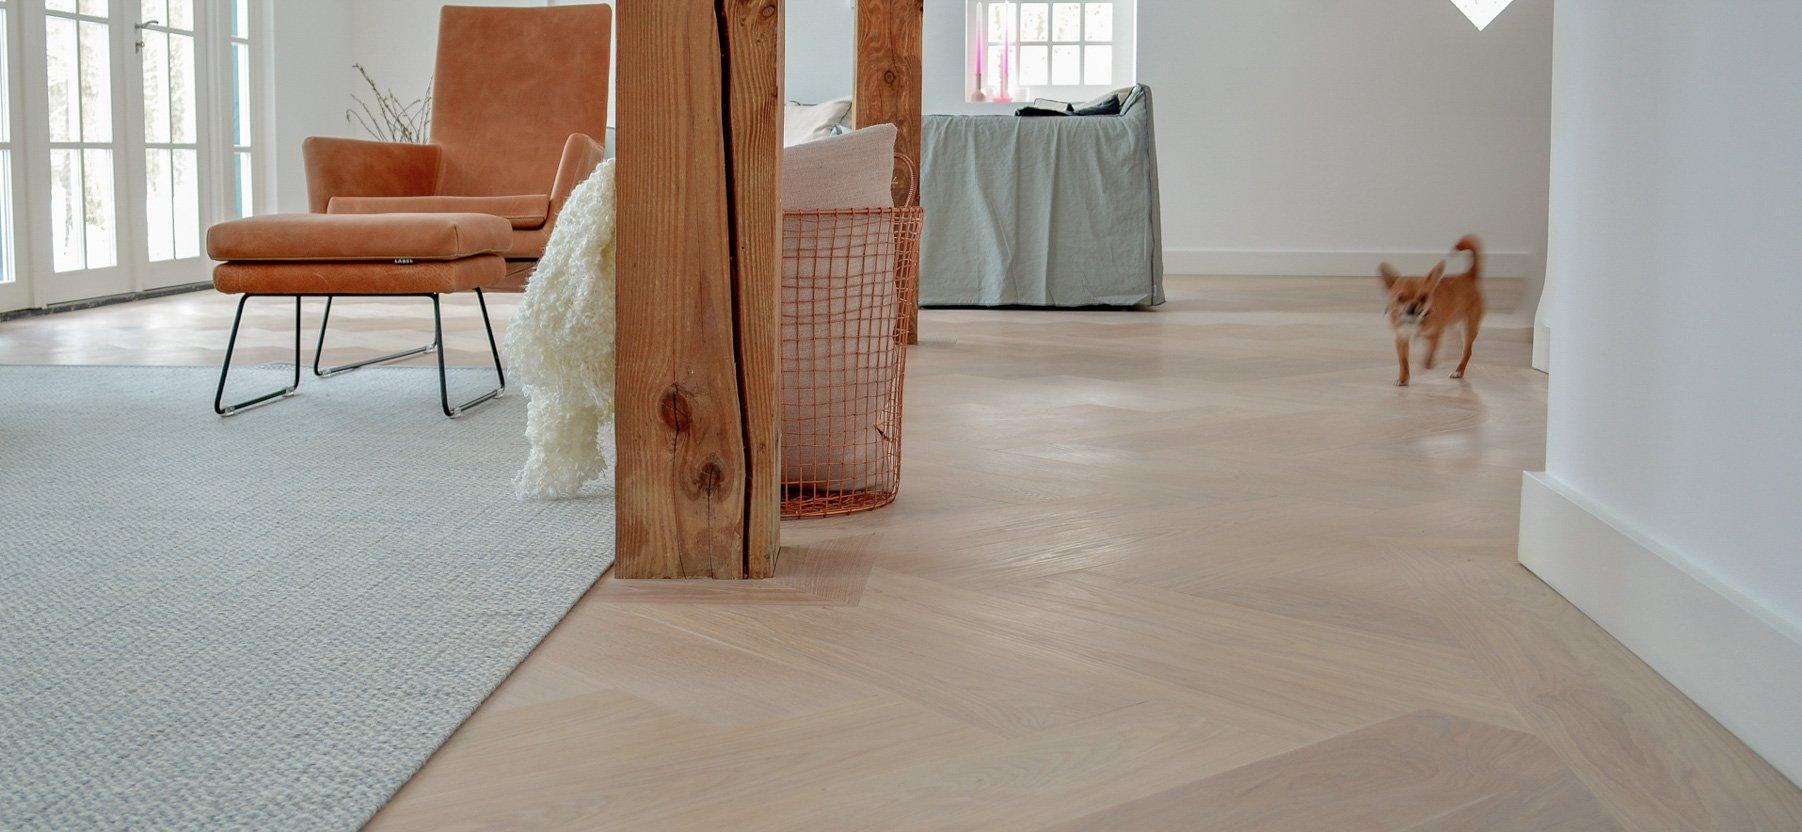 Strakke witte visgraat vloer